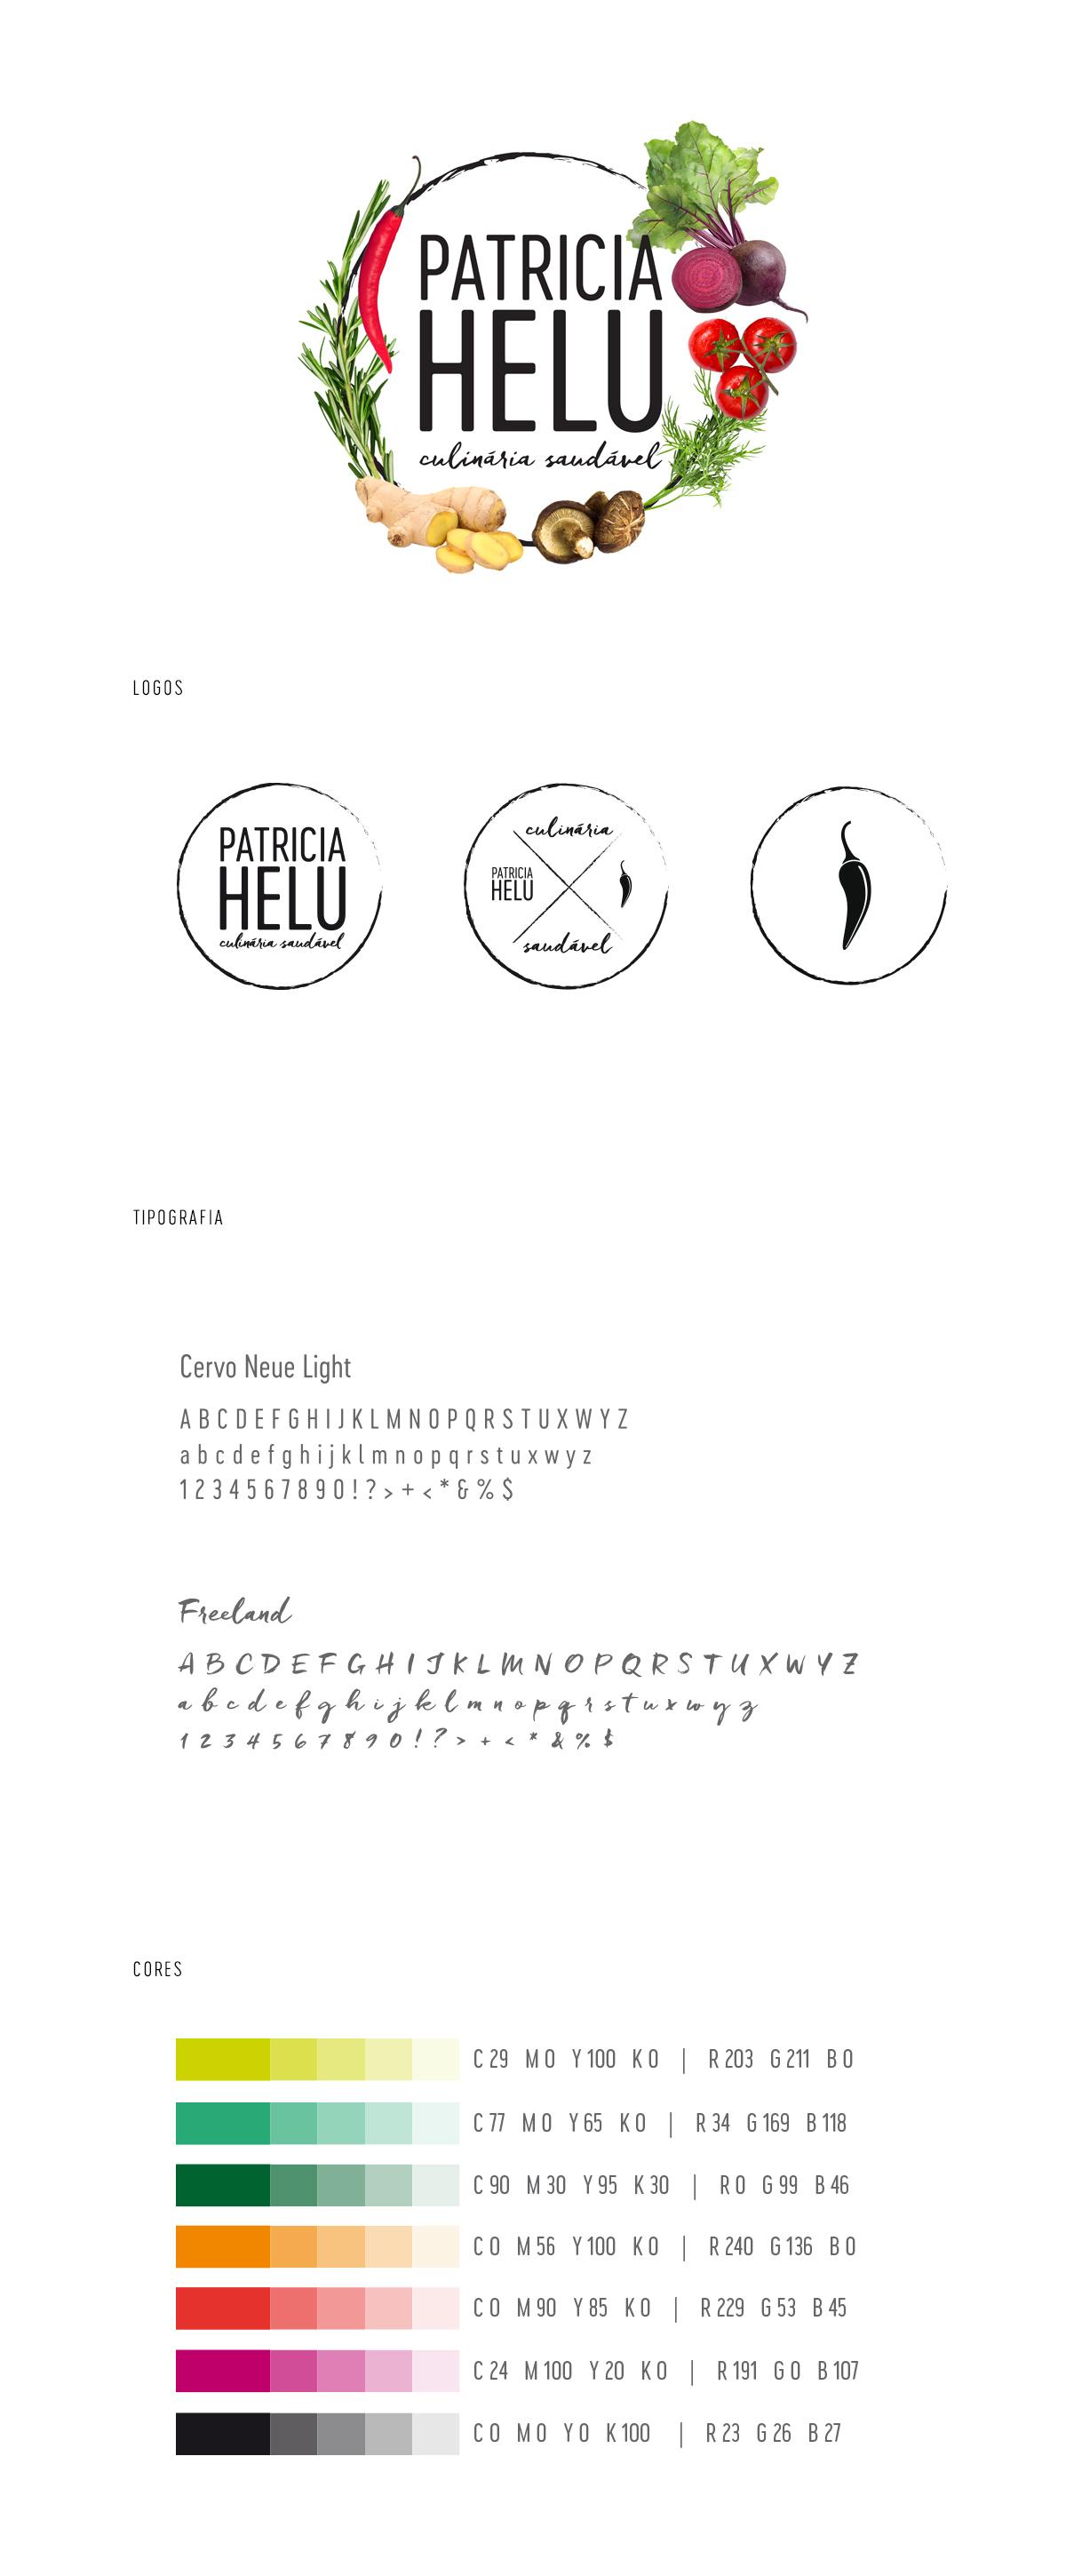 Patricia_helu_Logo_2.jpg